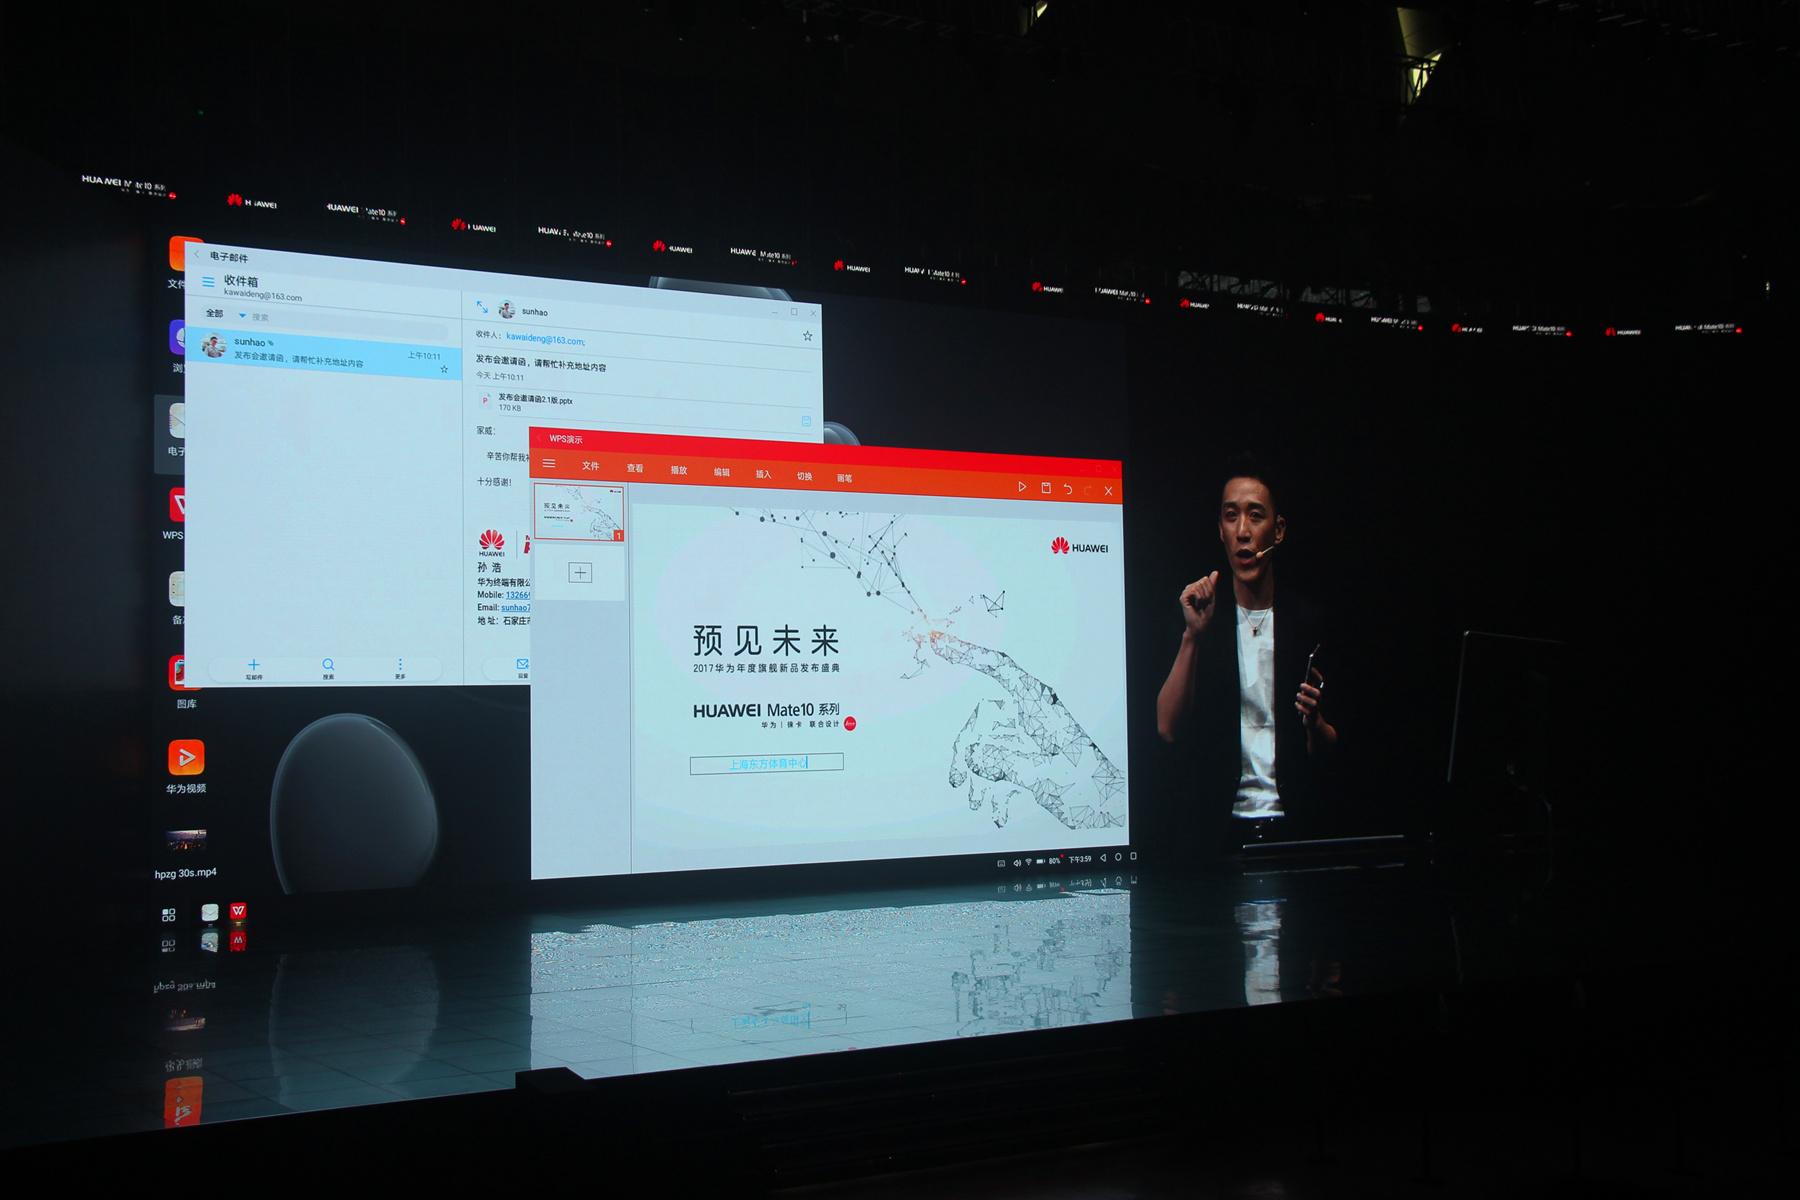 华为Mate 10新品发布,保时捷设计版卖近万元,网友:不贵来一台